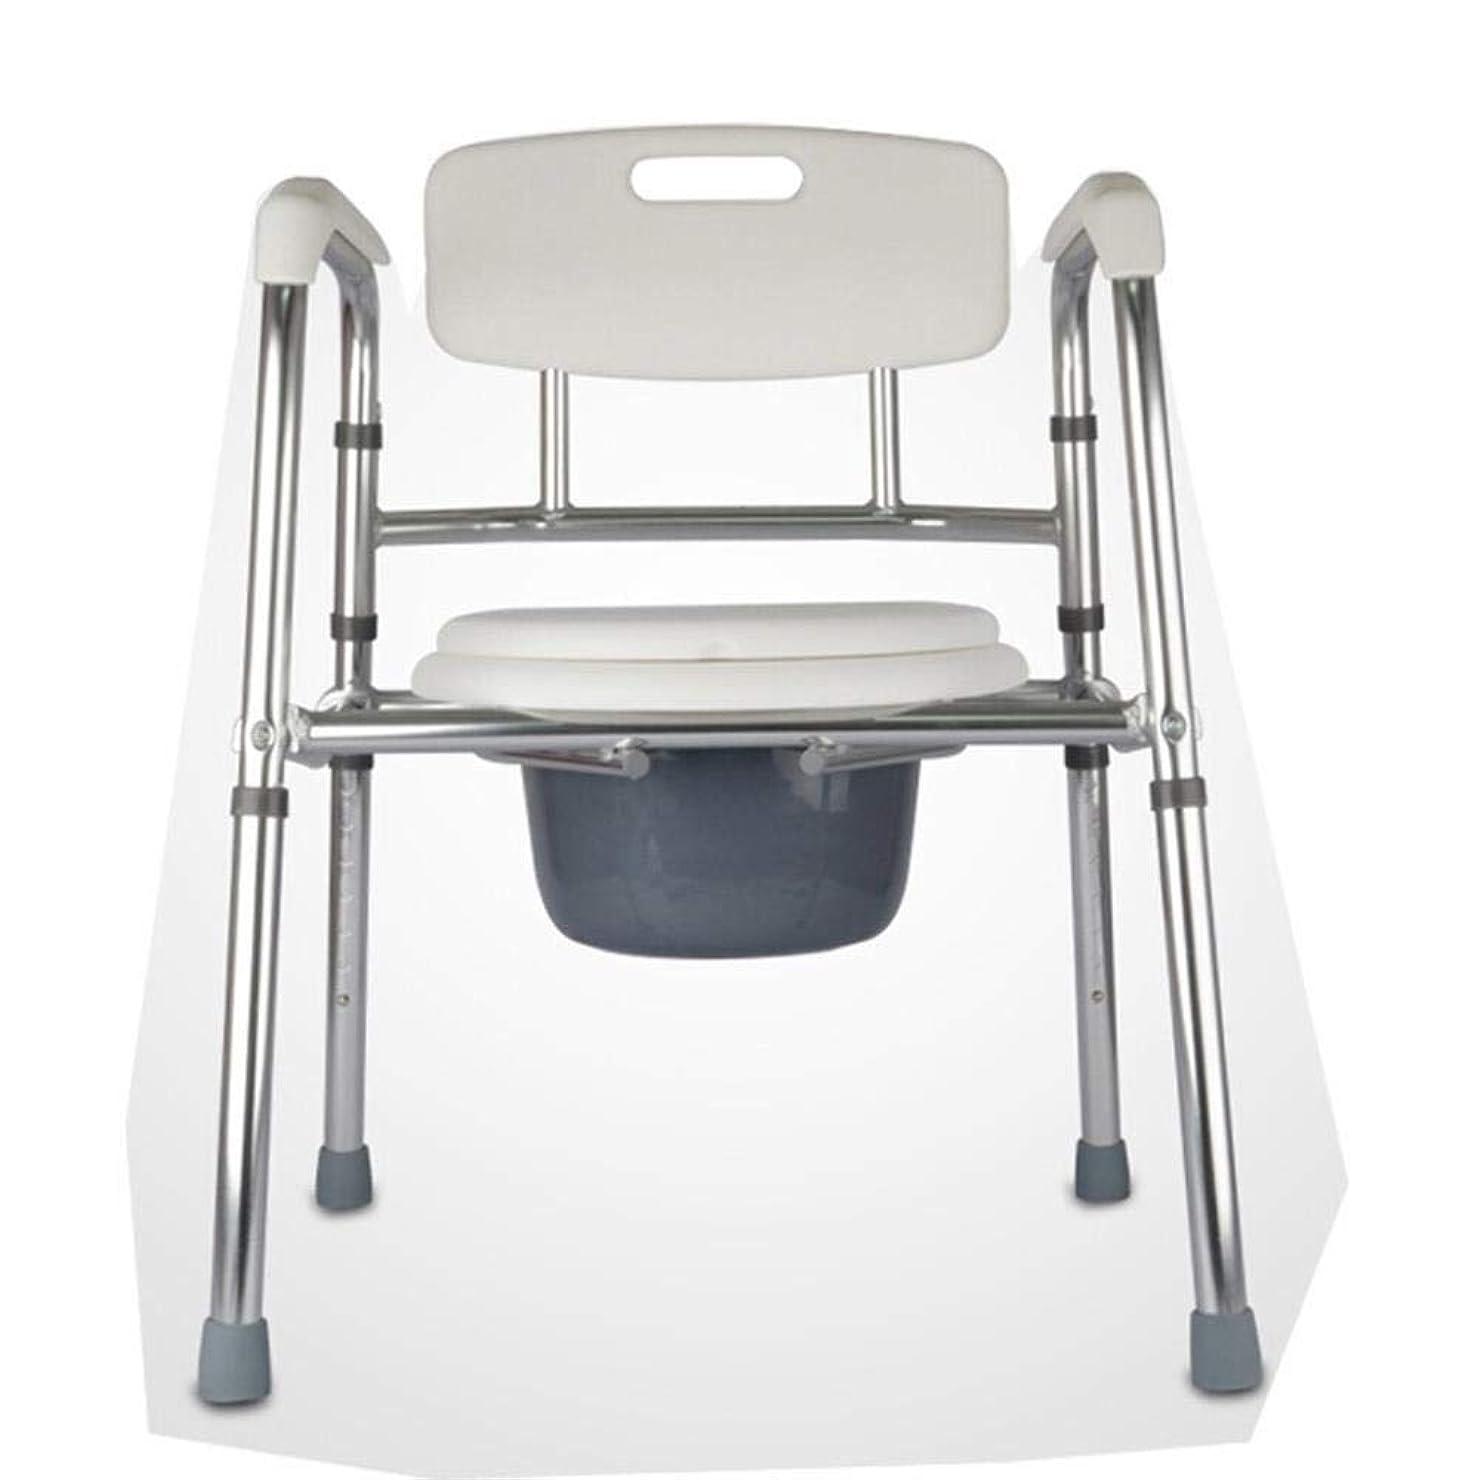 ボウリング証書被る折りたたみ式mode椅子とトイレサラウンド、軽量、丈夫、シンプル、高齢者、障害者、祖父母向けのバスルームサポート